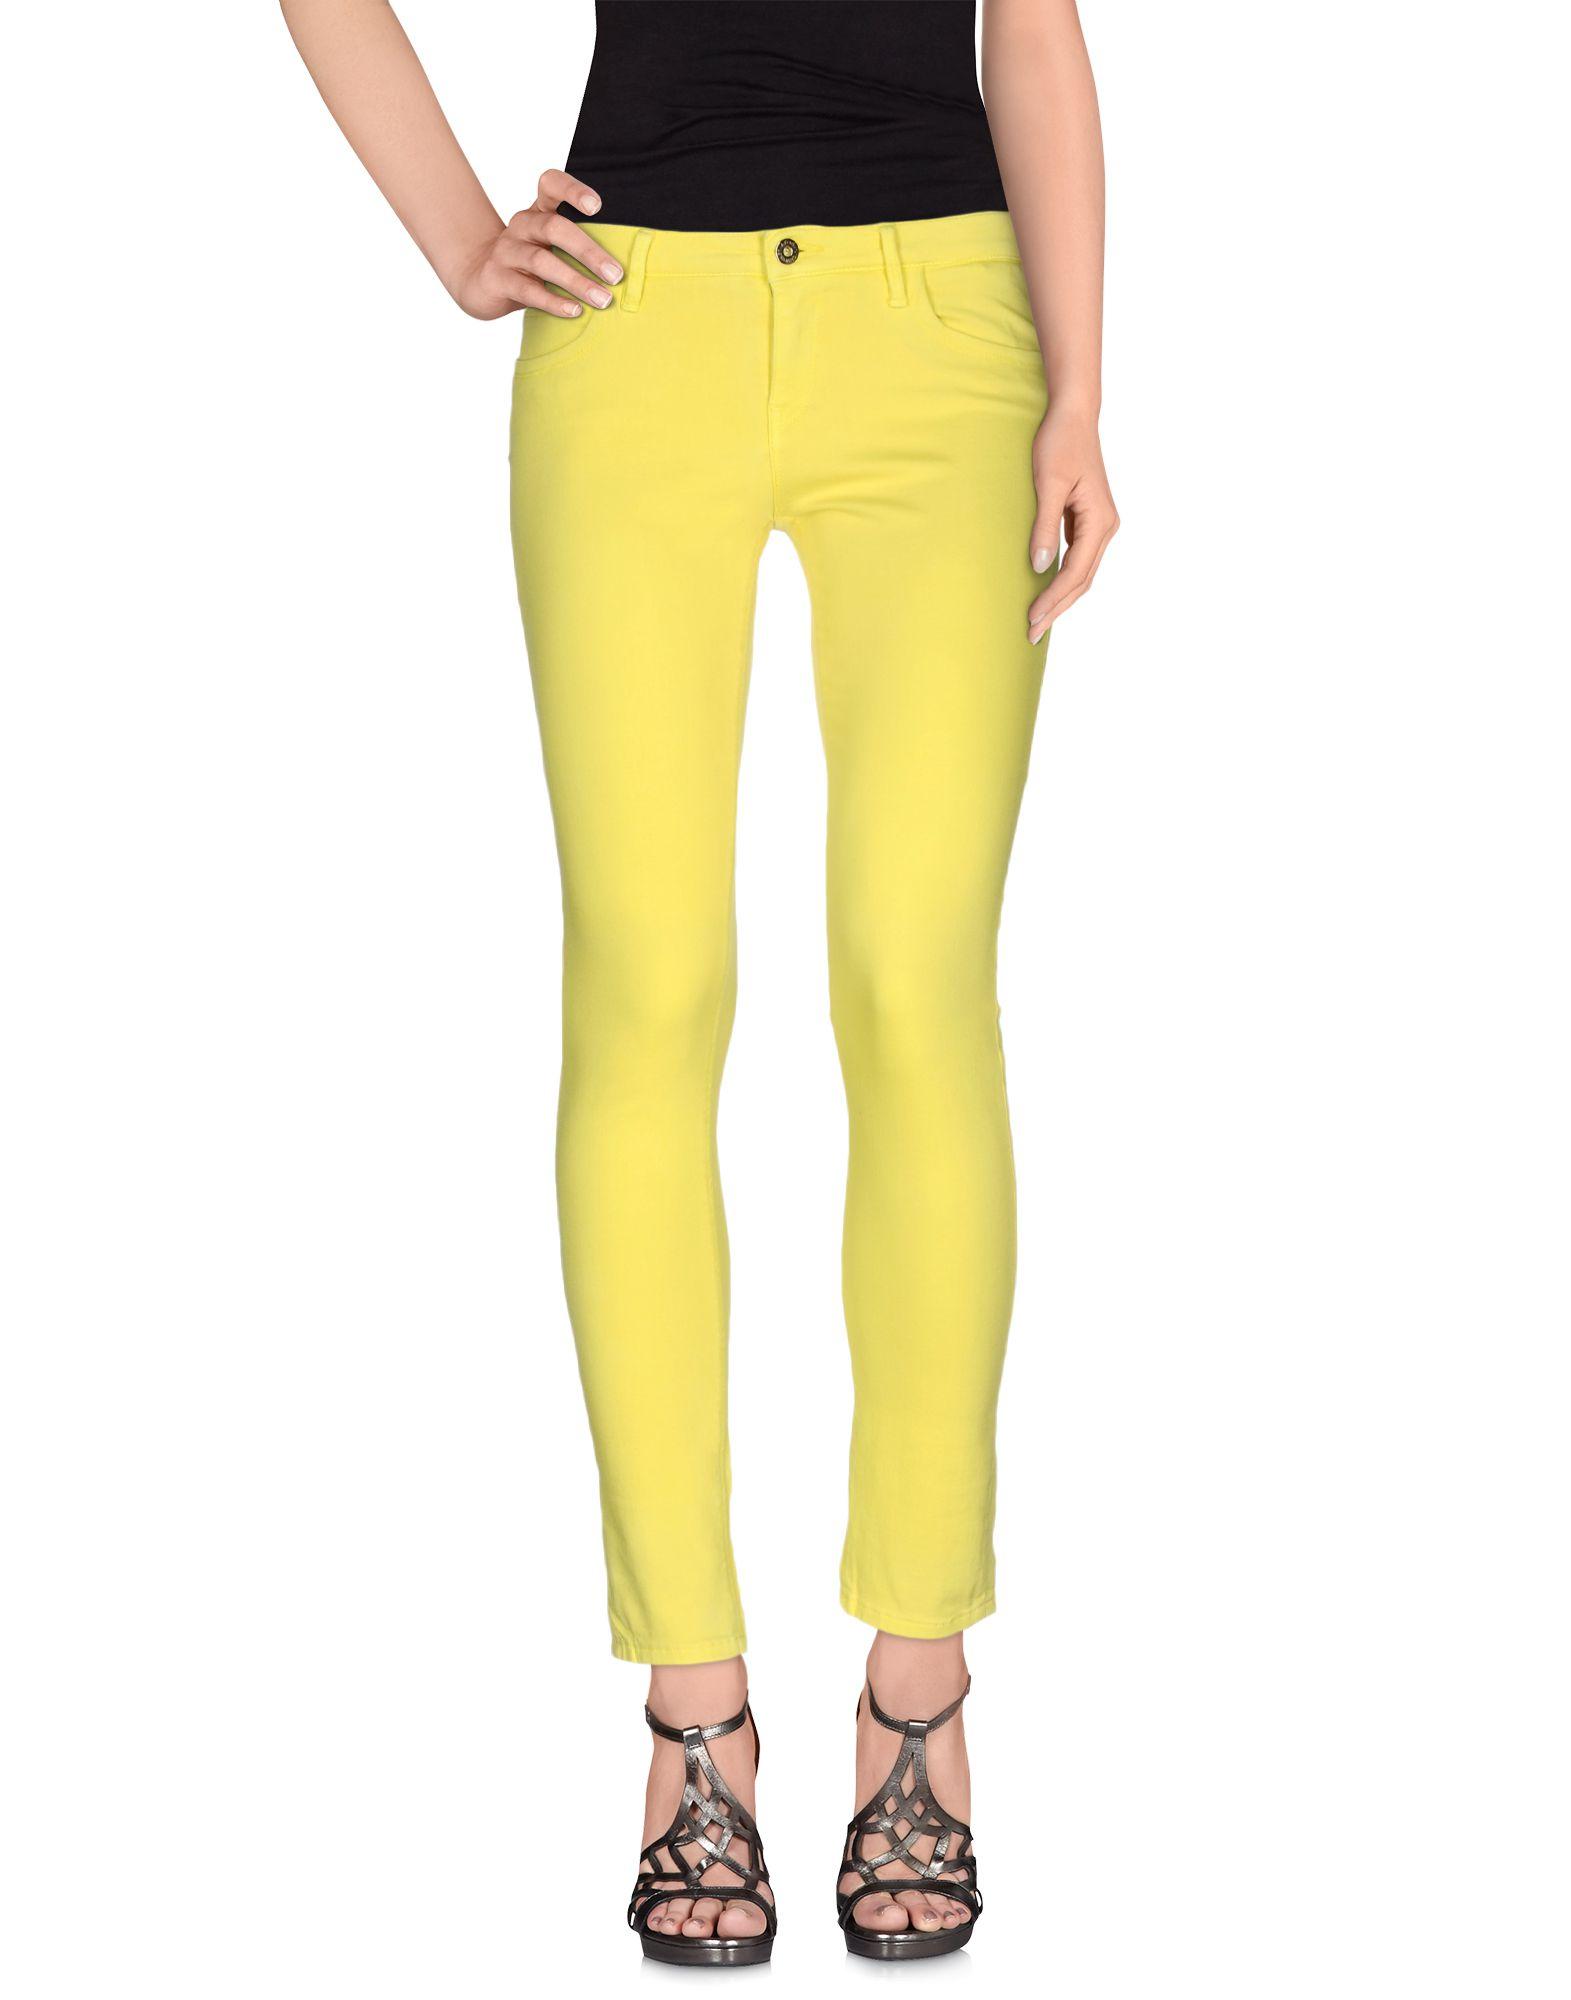 ATOS LOMBARDINI Damen Jeanshose Farbe Gelb Größe 5